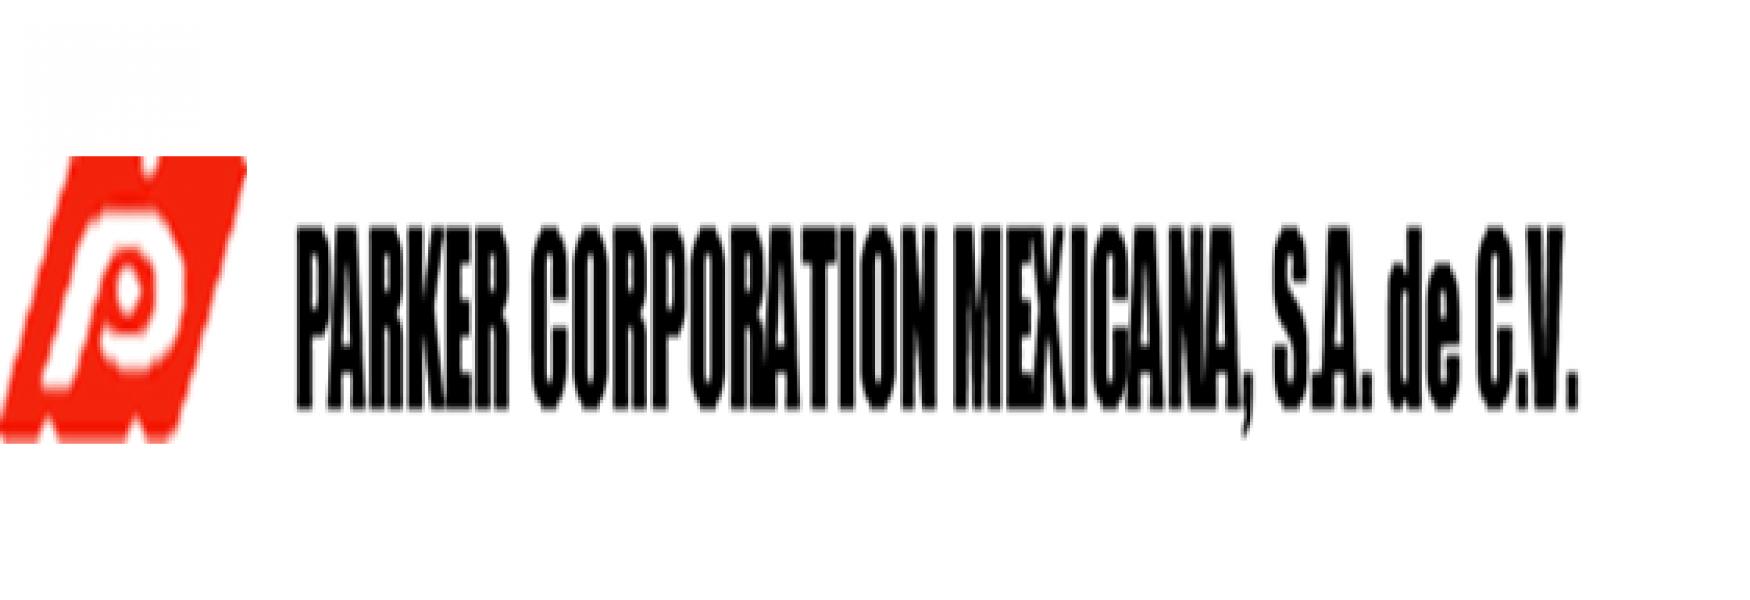 Parker Corporation